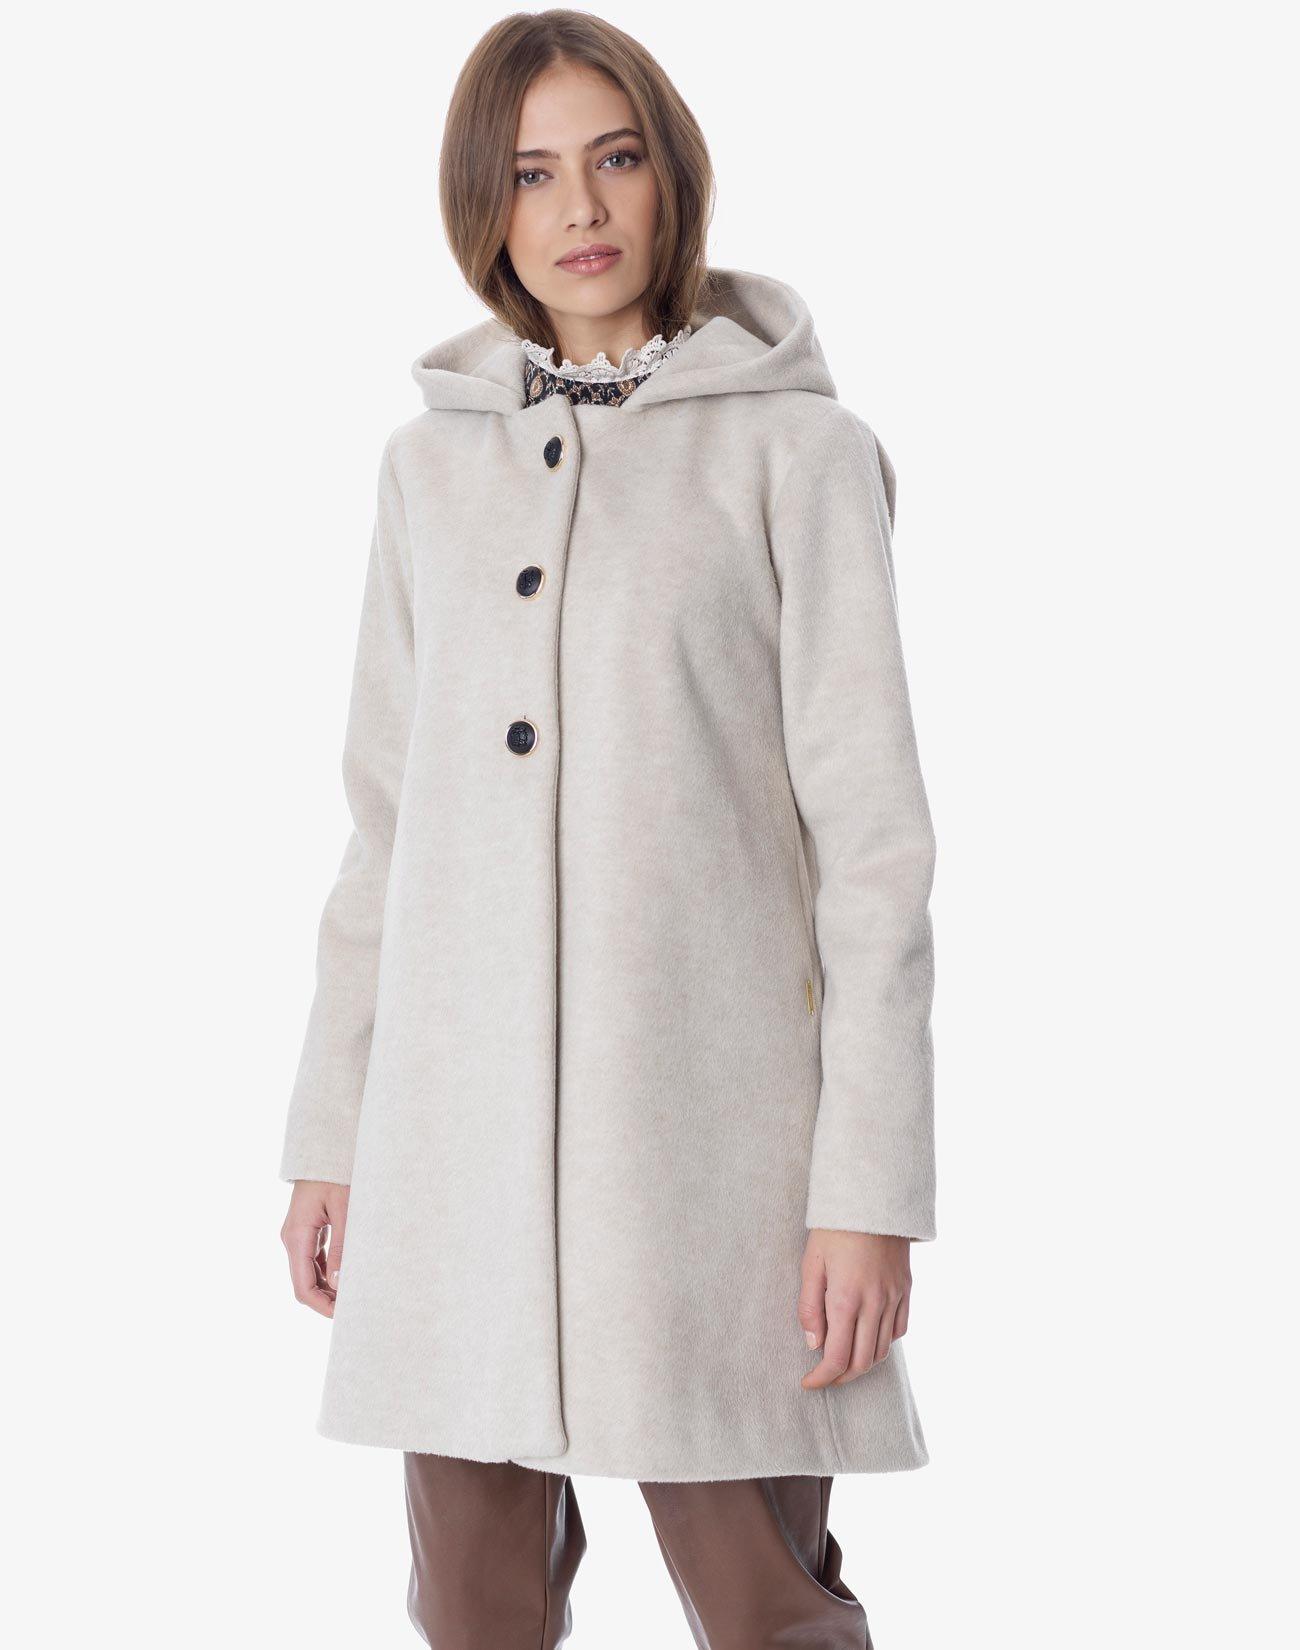 Παλτό με κουκούλα και φιόγκο